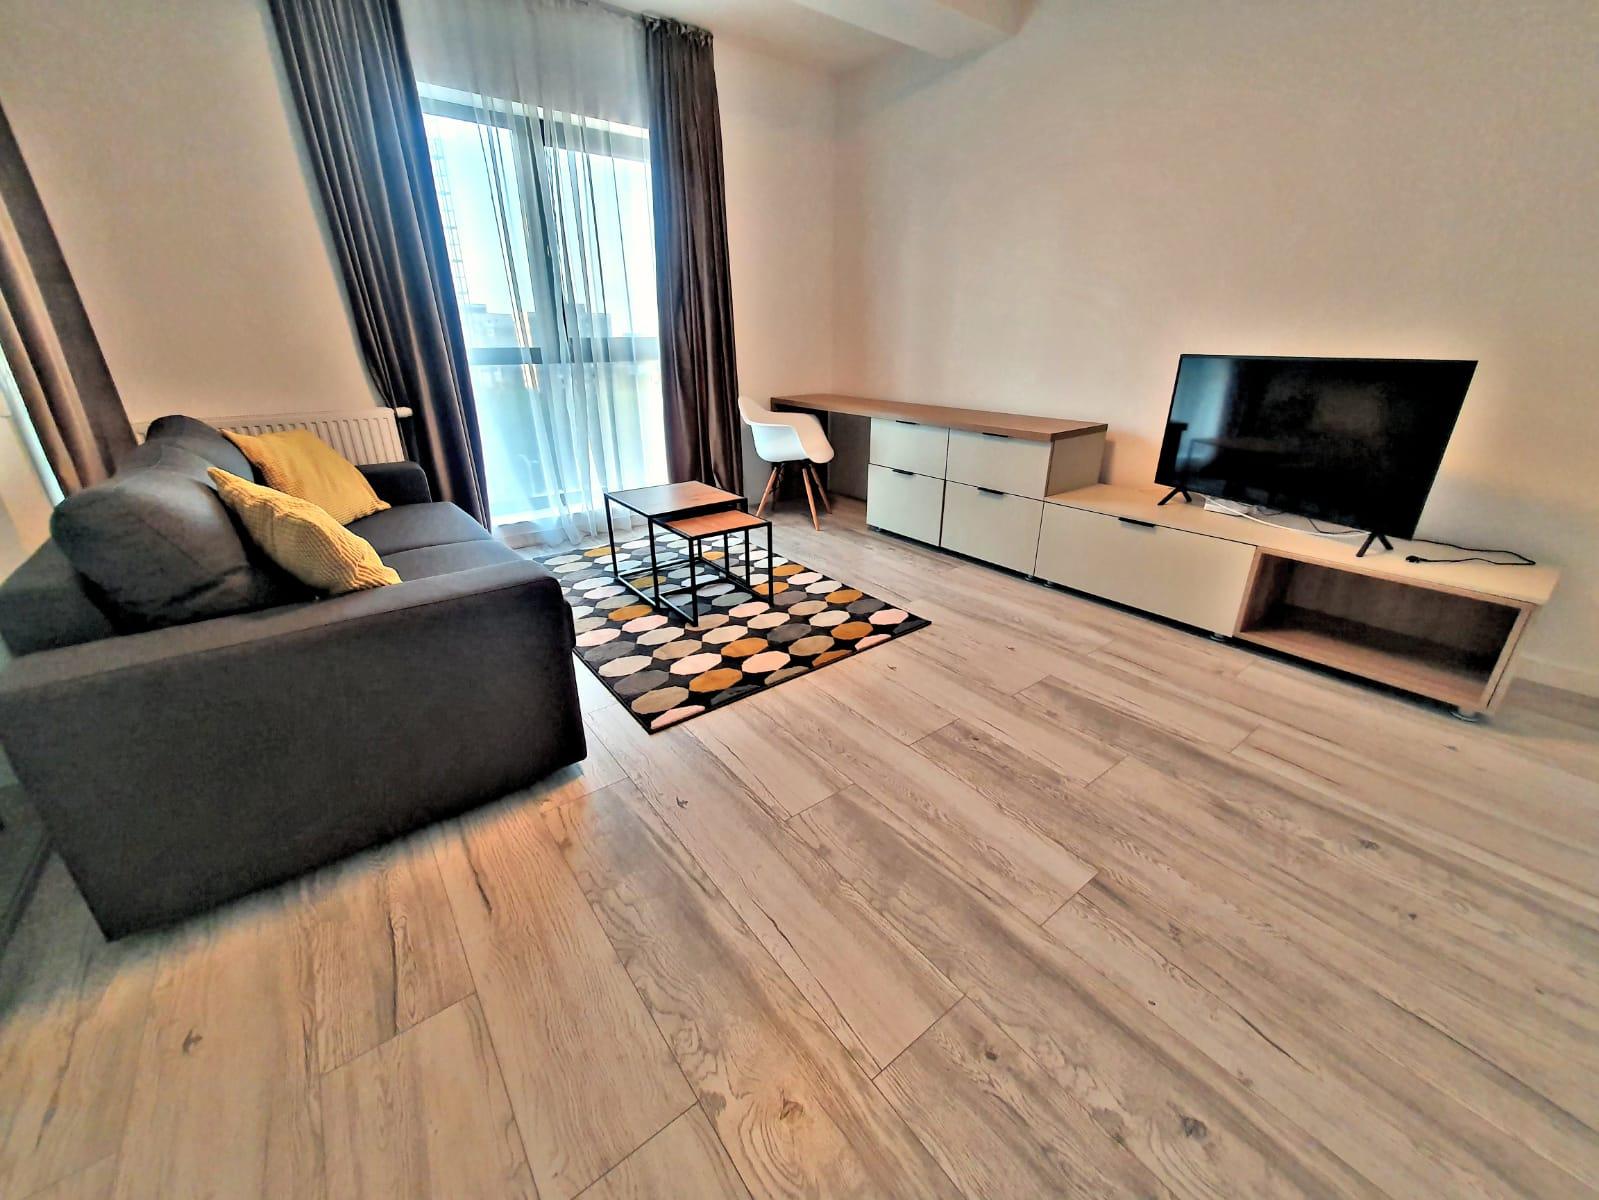 apartament | 1 camere | militari | 21 Residential Politchnica